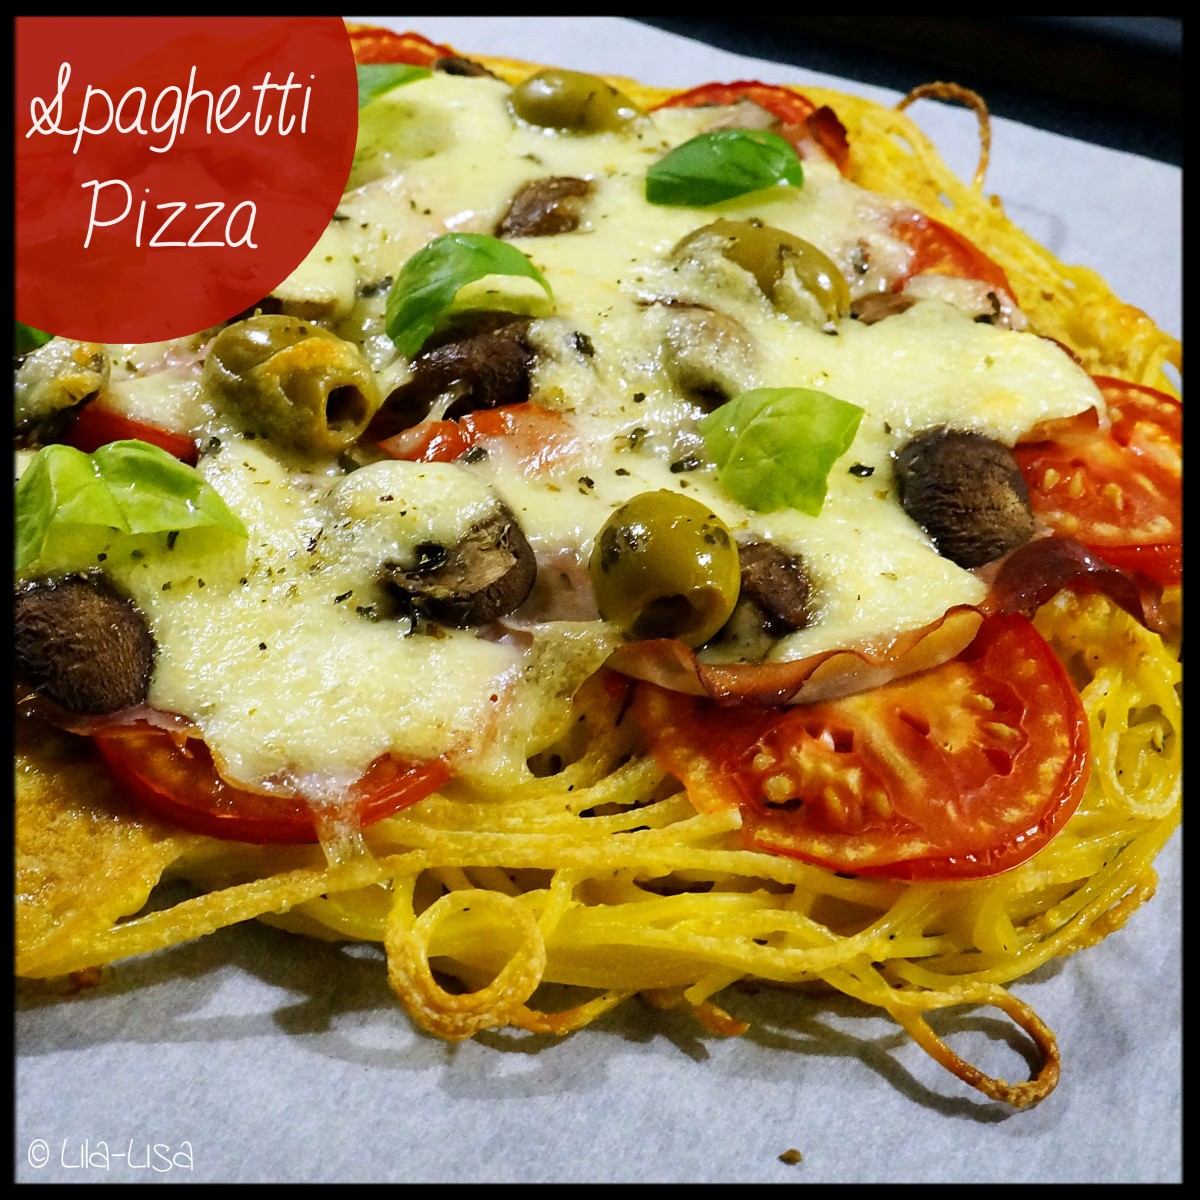 Montags-Pasta: Spaghetti-Pizza